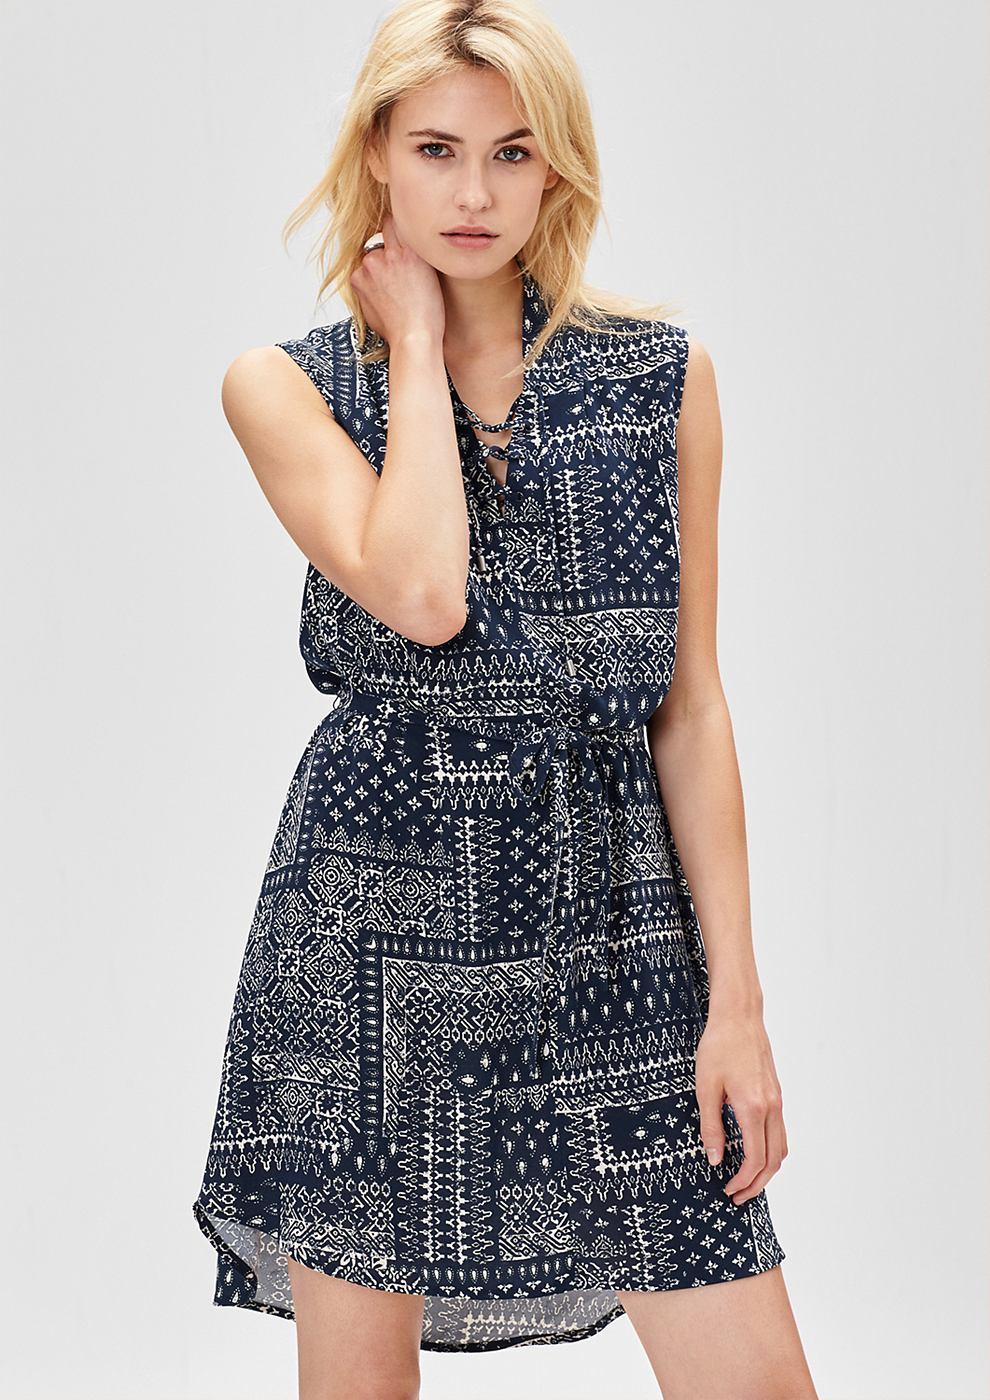 s.Oliver Etnische jurk met vetersluiting blauw